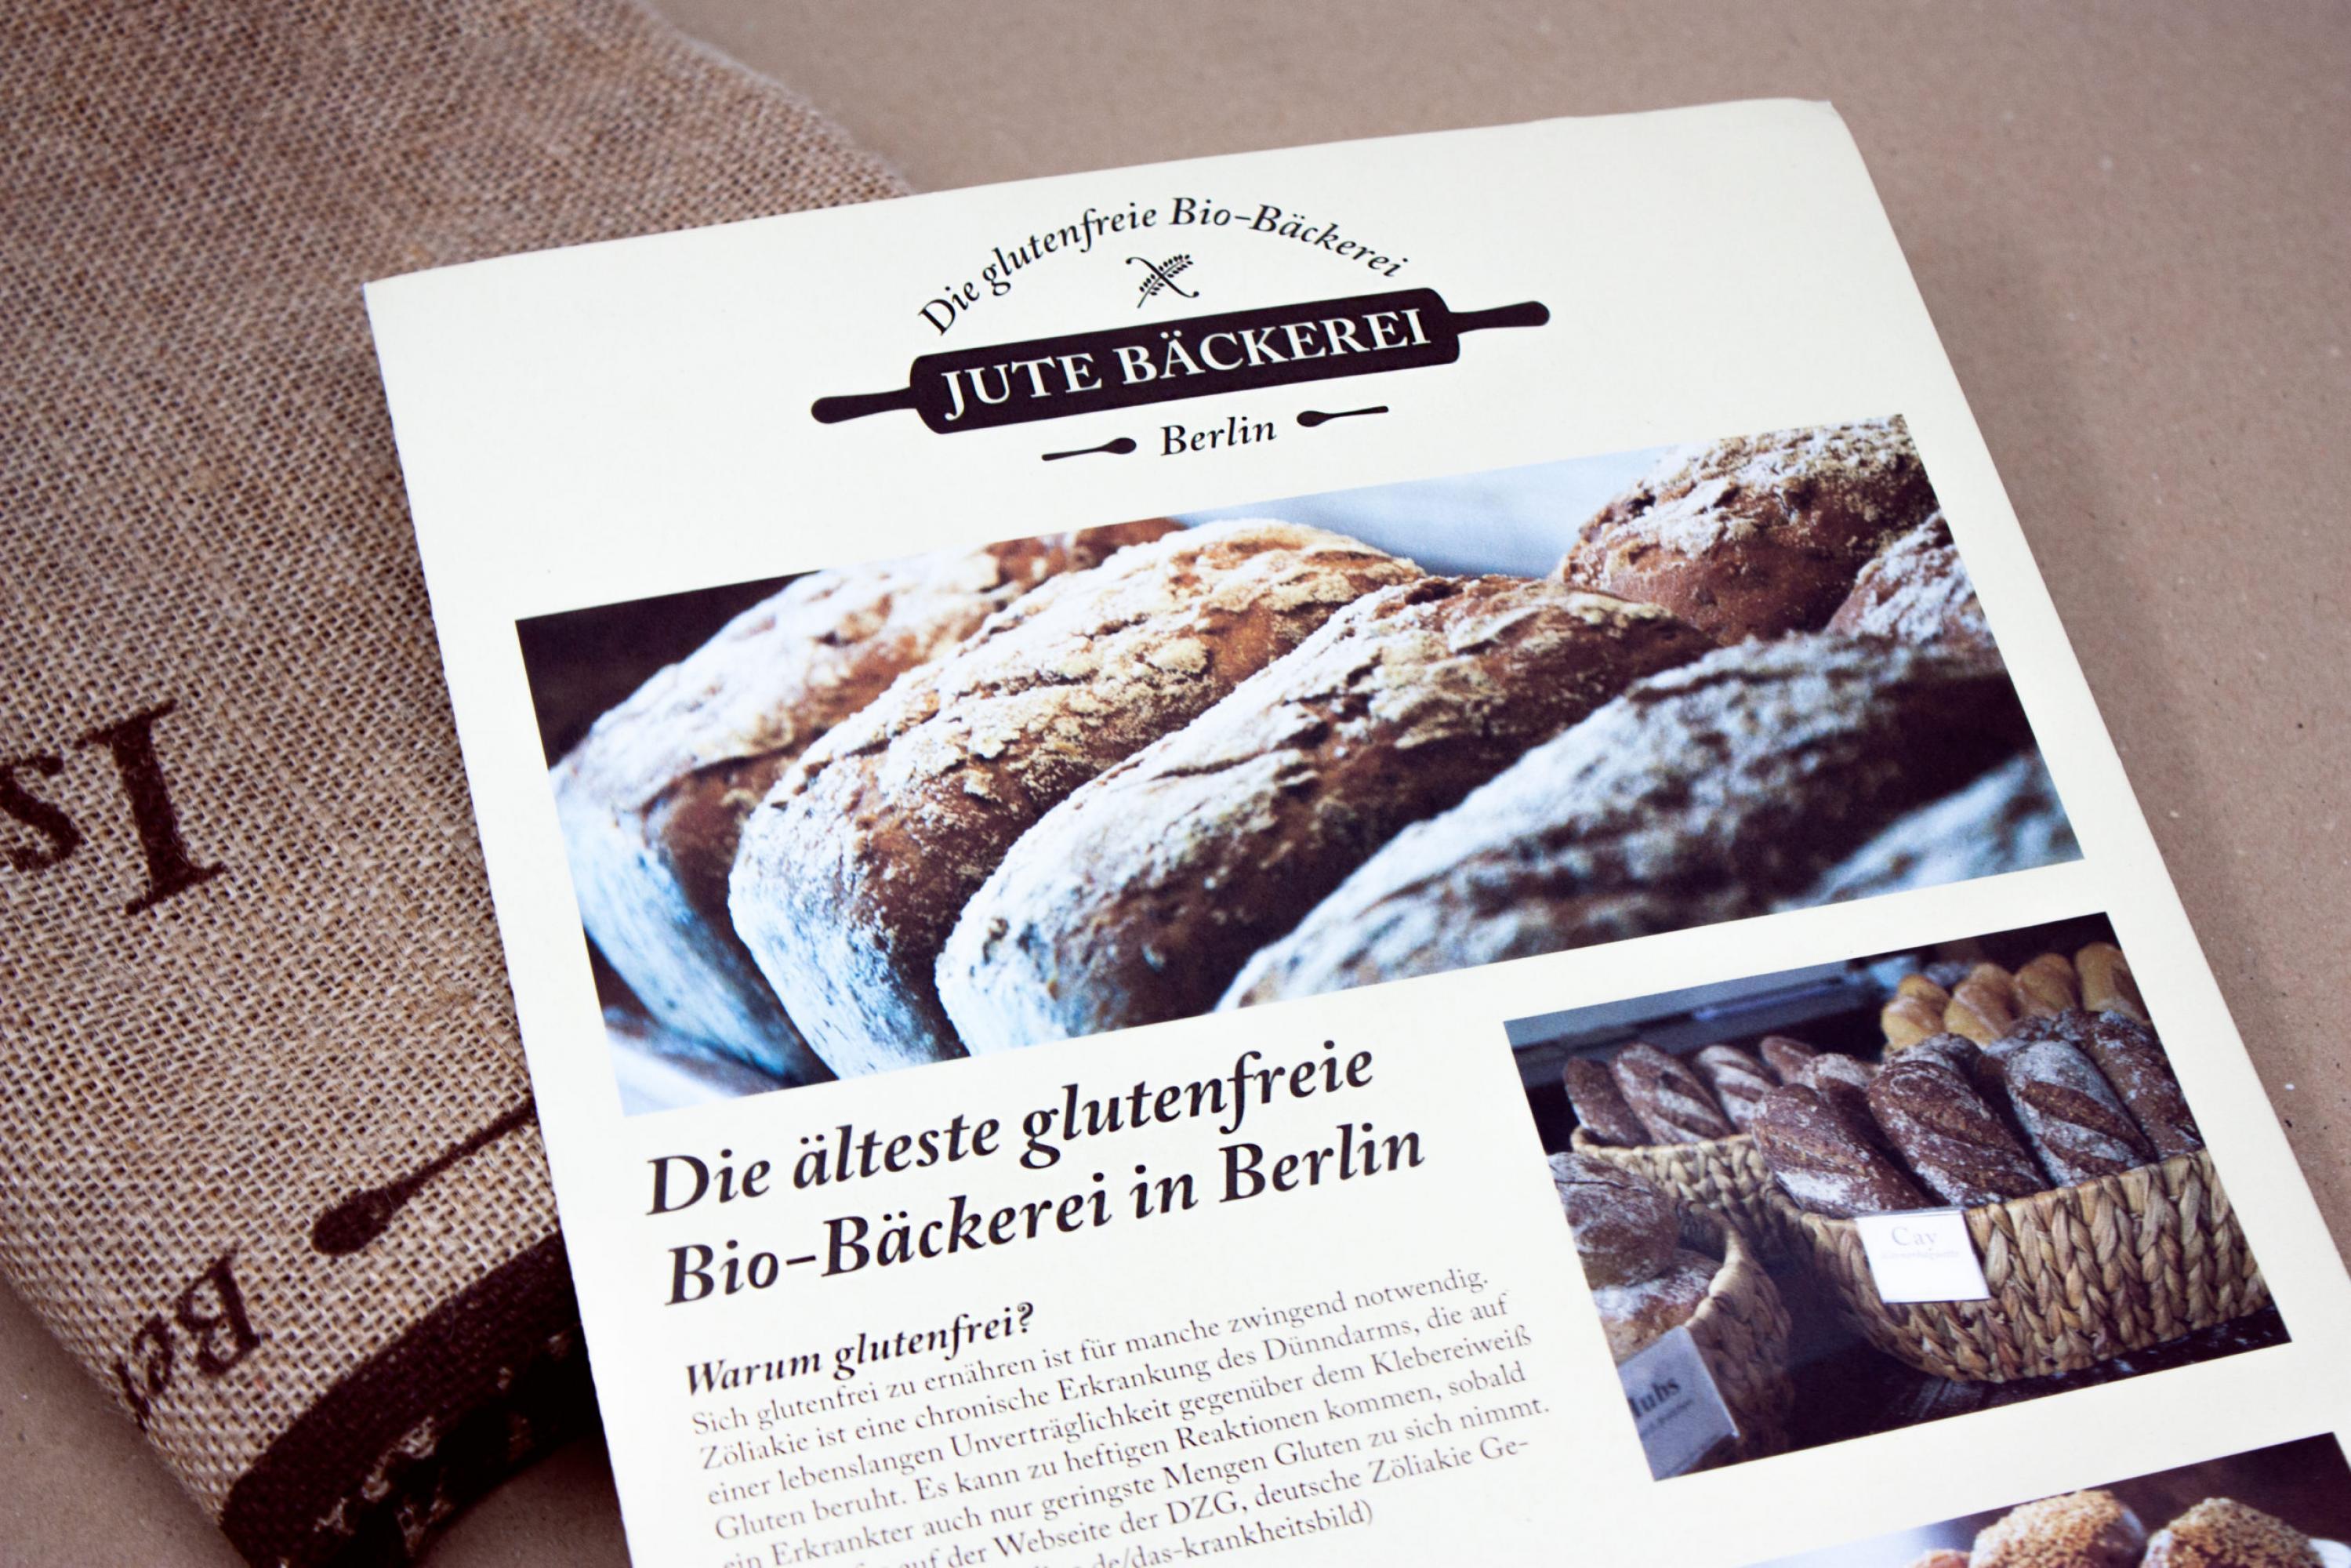 -jute-baeckerei-print-design-5